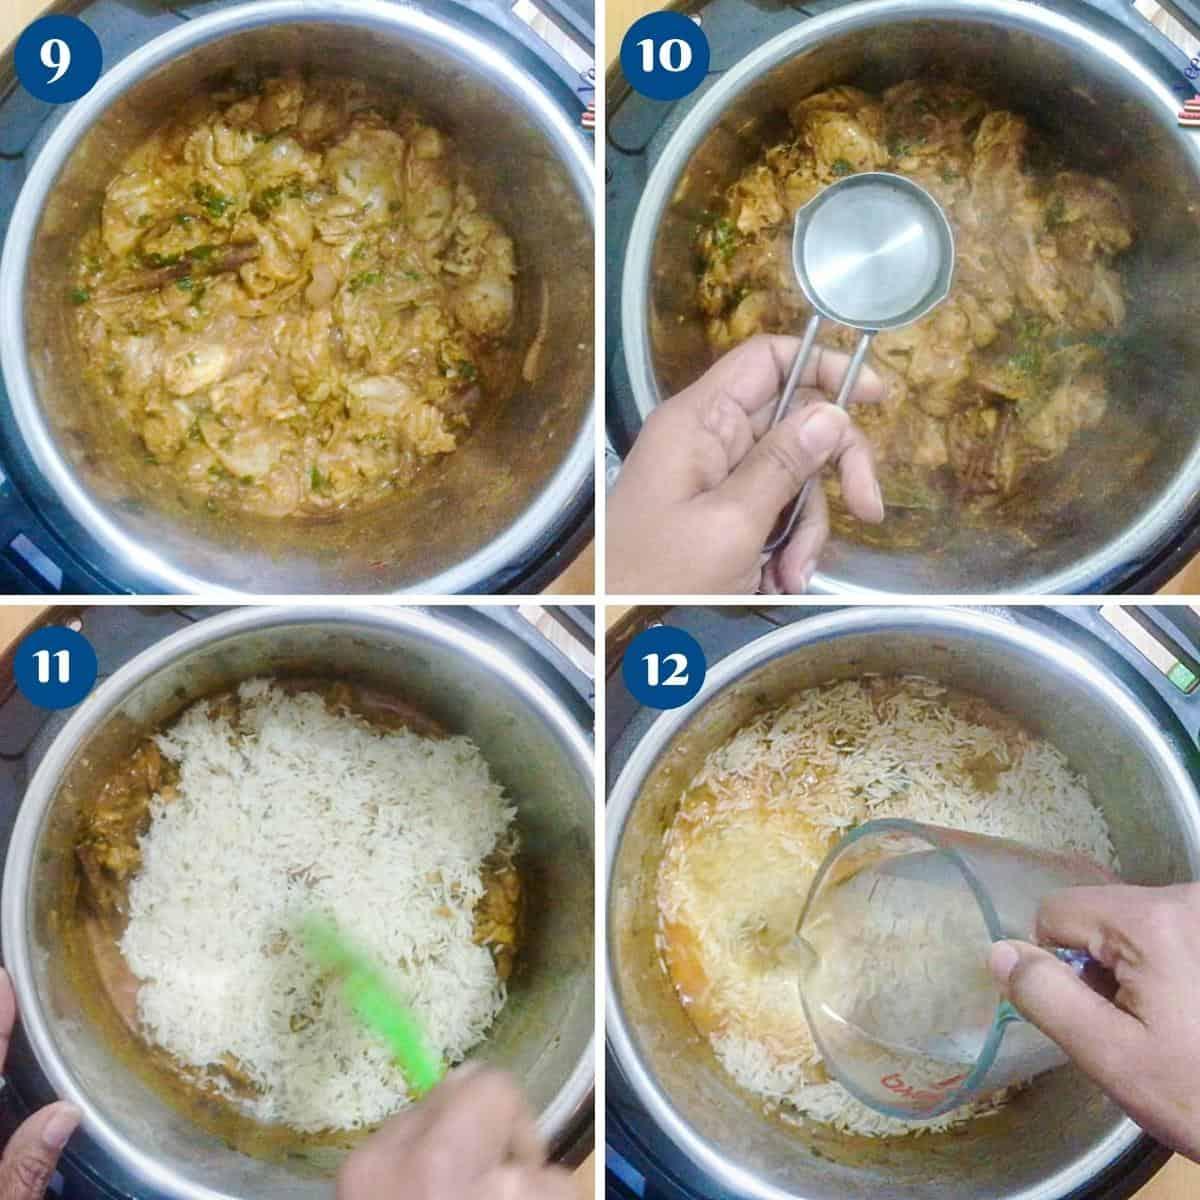 Progress pictures cooking chicken in instant pot for biryani.